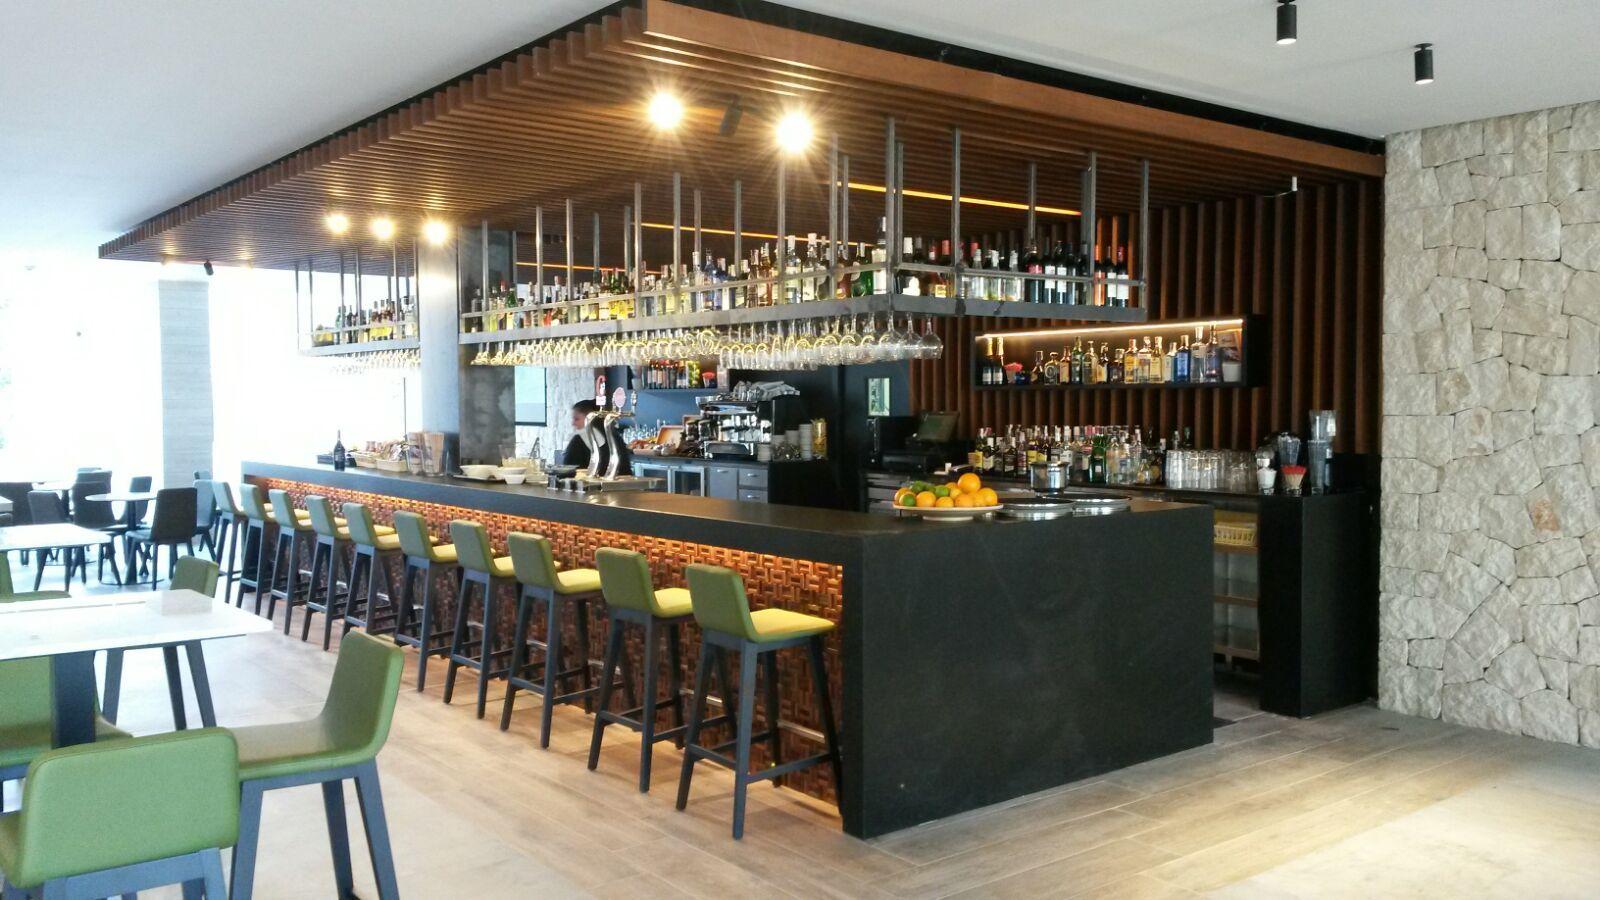 Hotel cap negret altea playa cafeter a bar for Decoracion de cervecerias